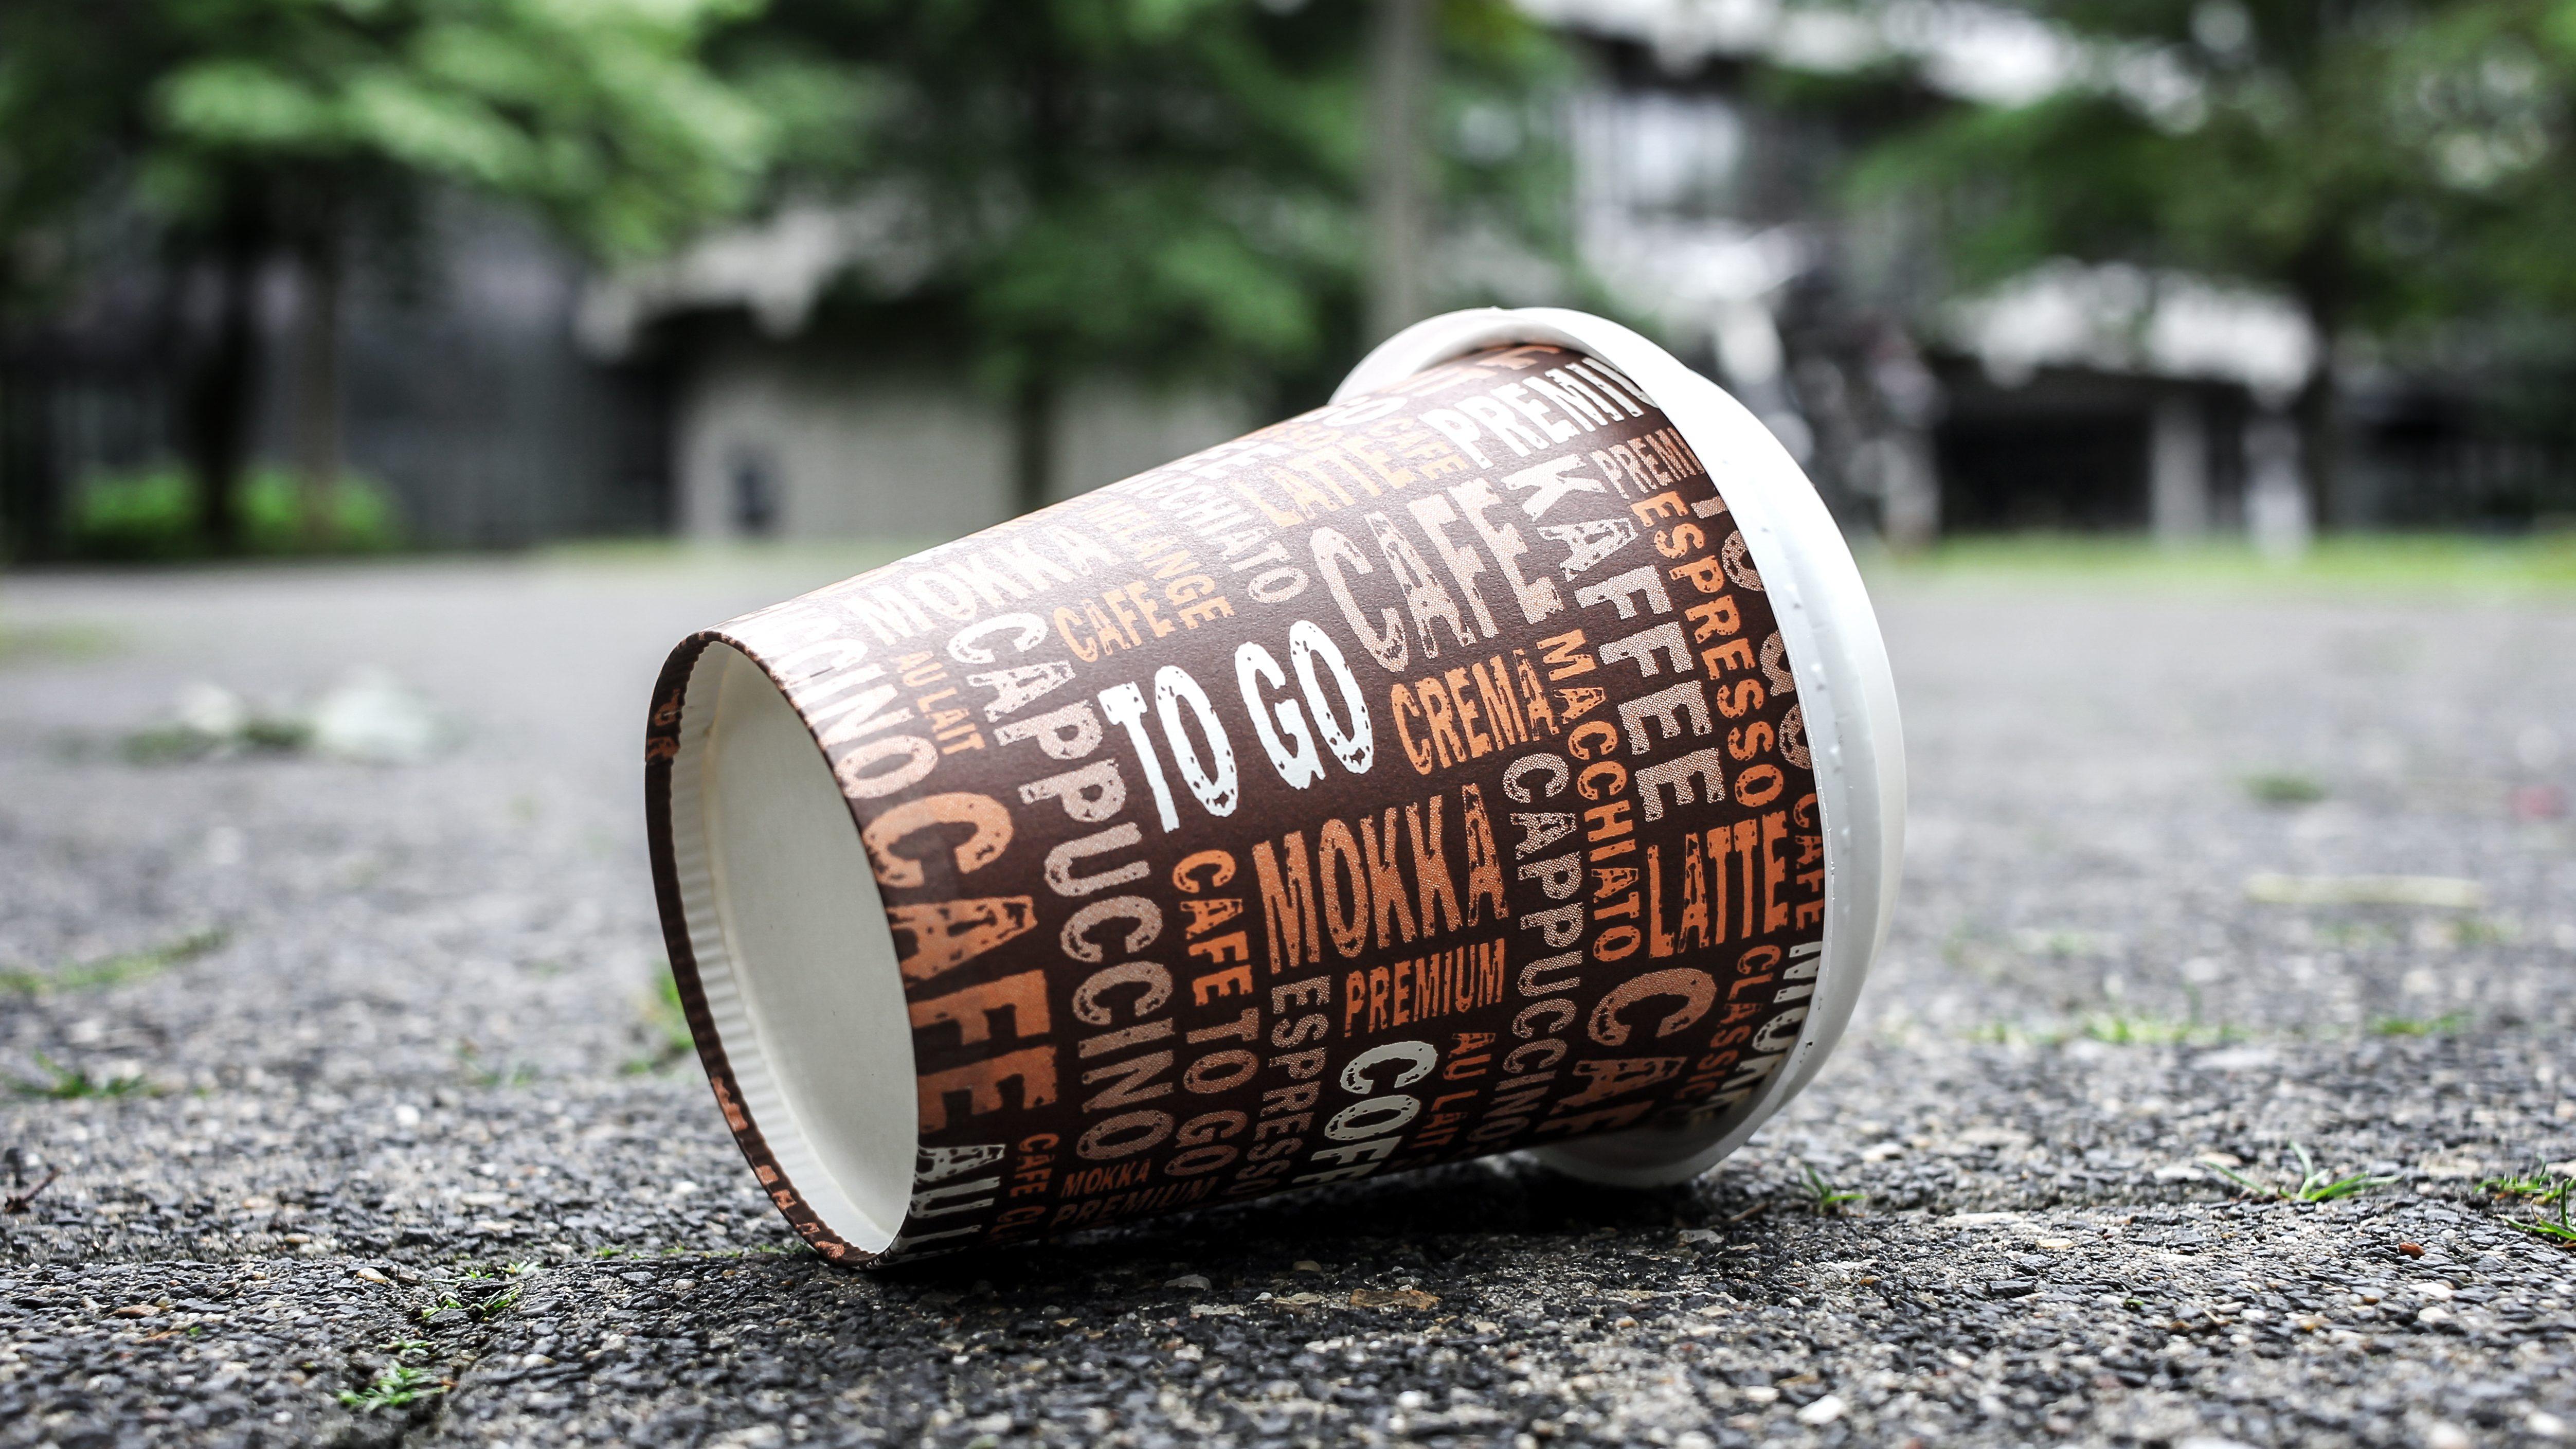 Used Coffee mug at sidewalk as symbol for pollution